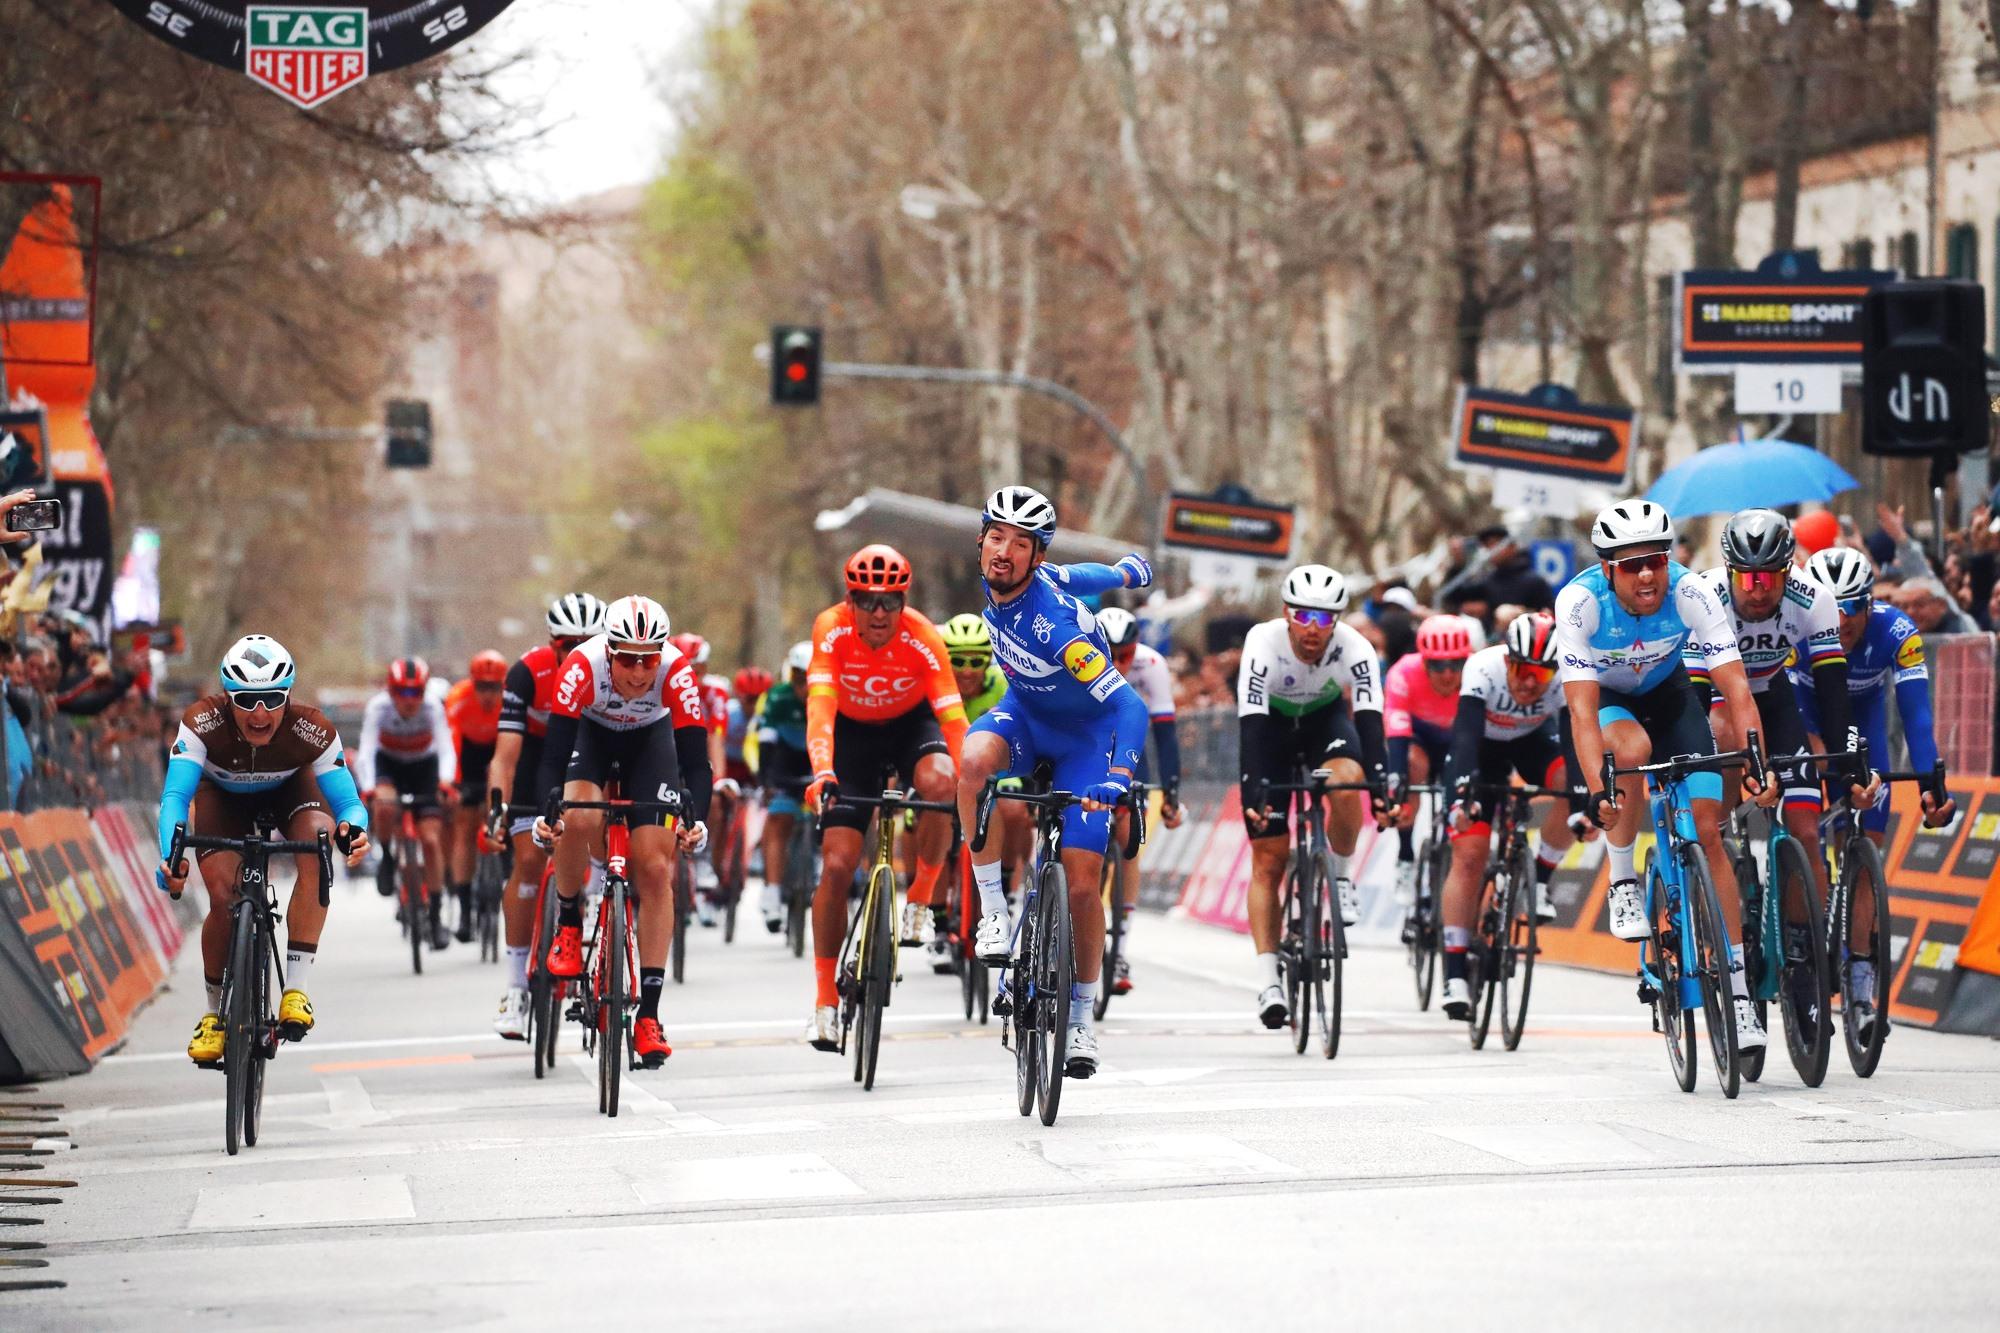 24a8d05ff8689 T-A: V hromadnom špurte zaskočil šprintérov Alaphilippe, Sagan ...